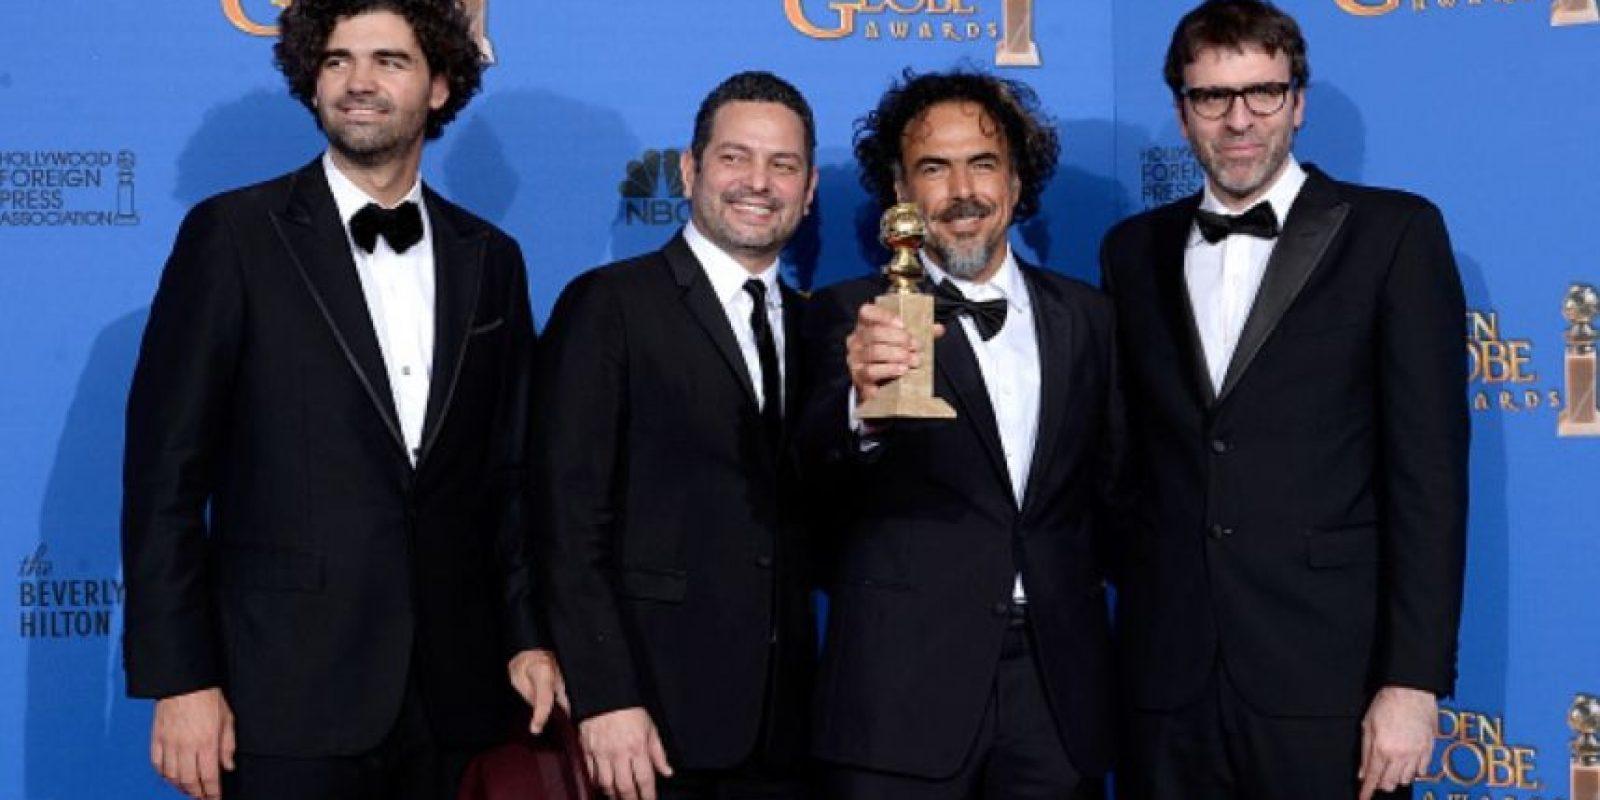 """Mejor Guión de Película: Alejandro González Iñarritu, Nicolas Giacobone, Alexander Dinelaris y Armando Bo por """"Birdman"""". Foto:Getty Images"""